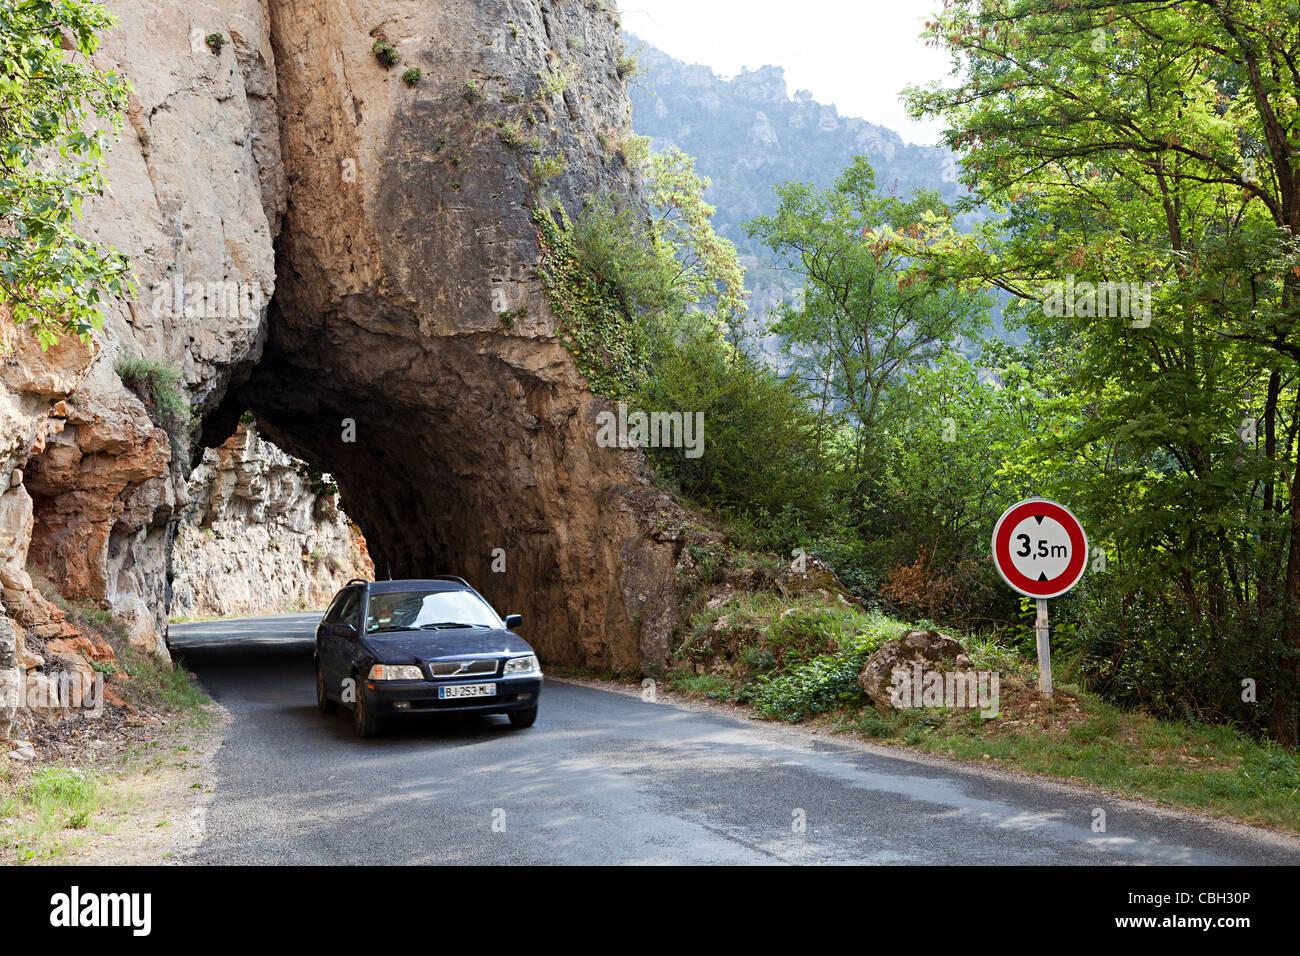 Les conducteurs de voitures au tunnel dans la roche avec restriction de hauteur sur le bas de la route des Gorges Photo Stock